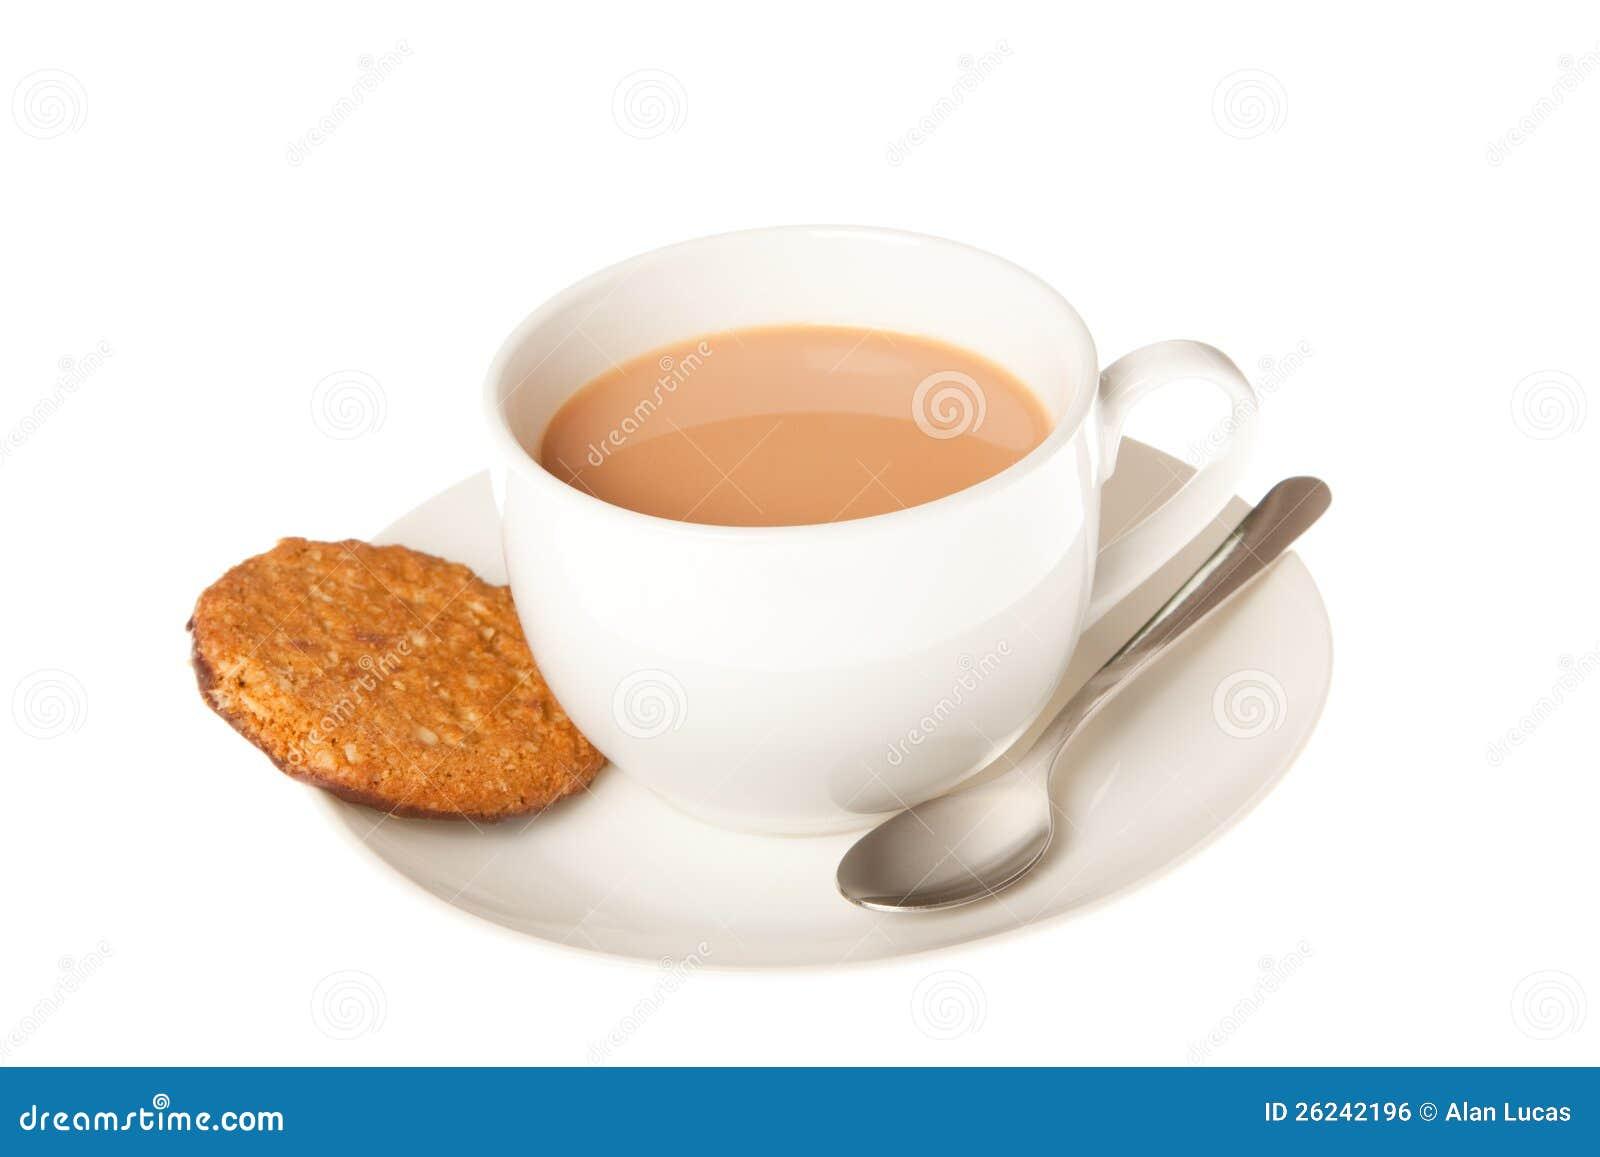 tea-biscuits-26242196.jpg